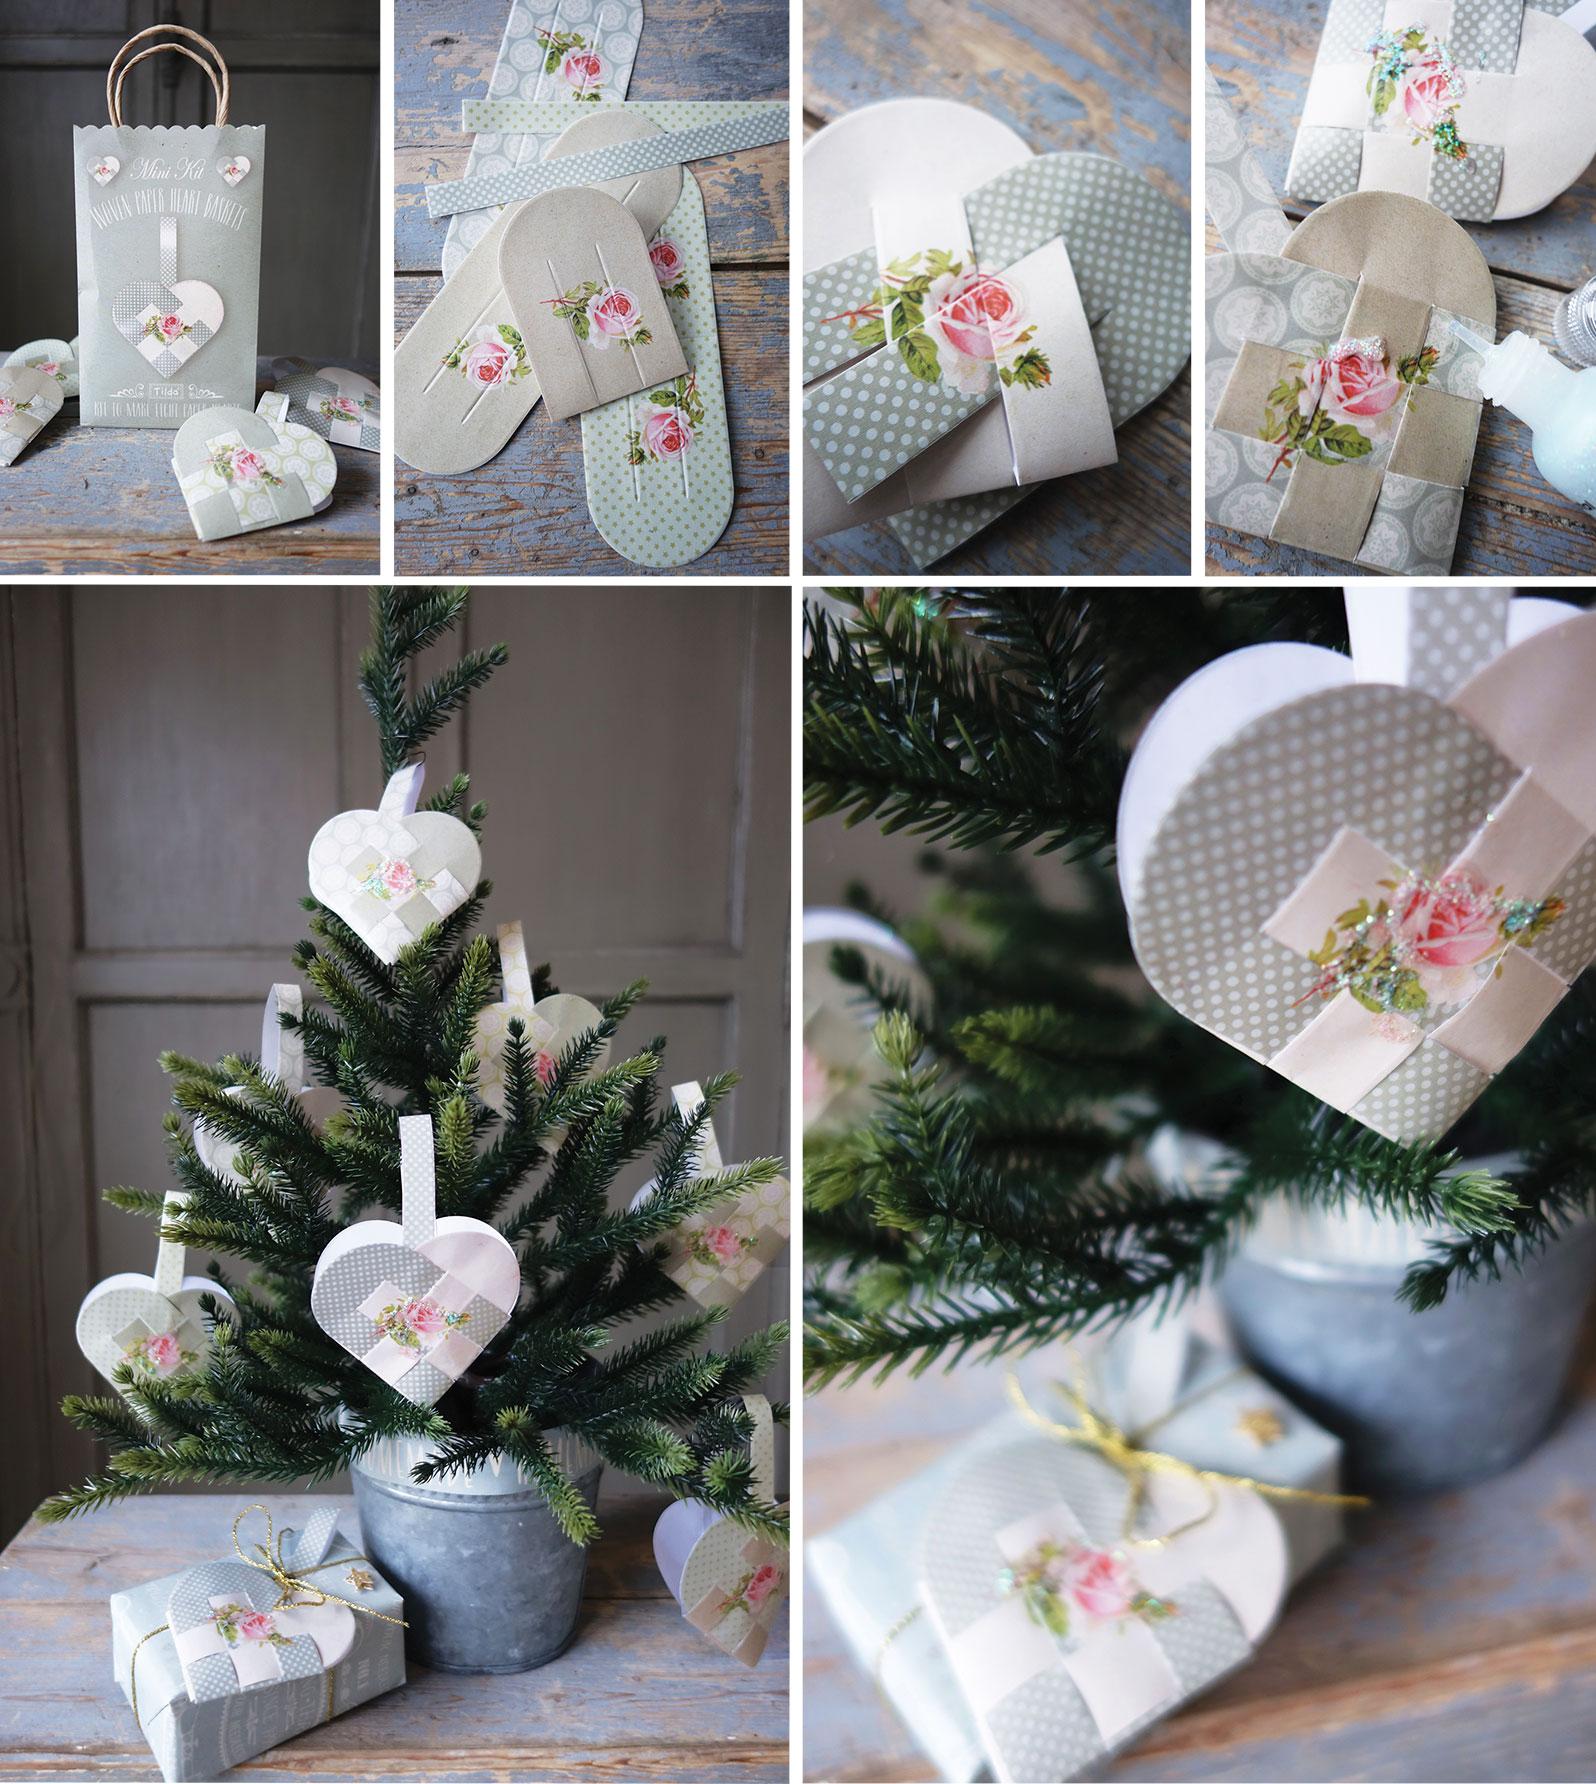 Woven-heart-baskets